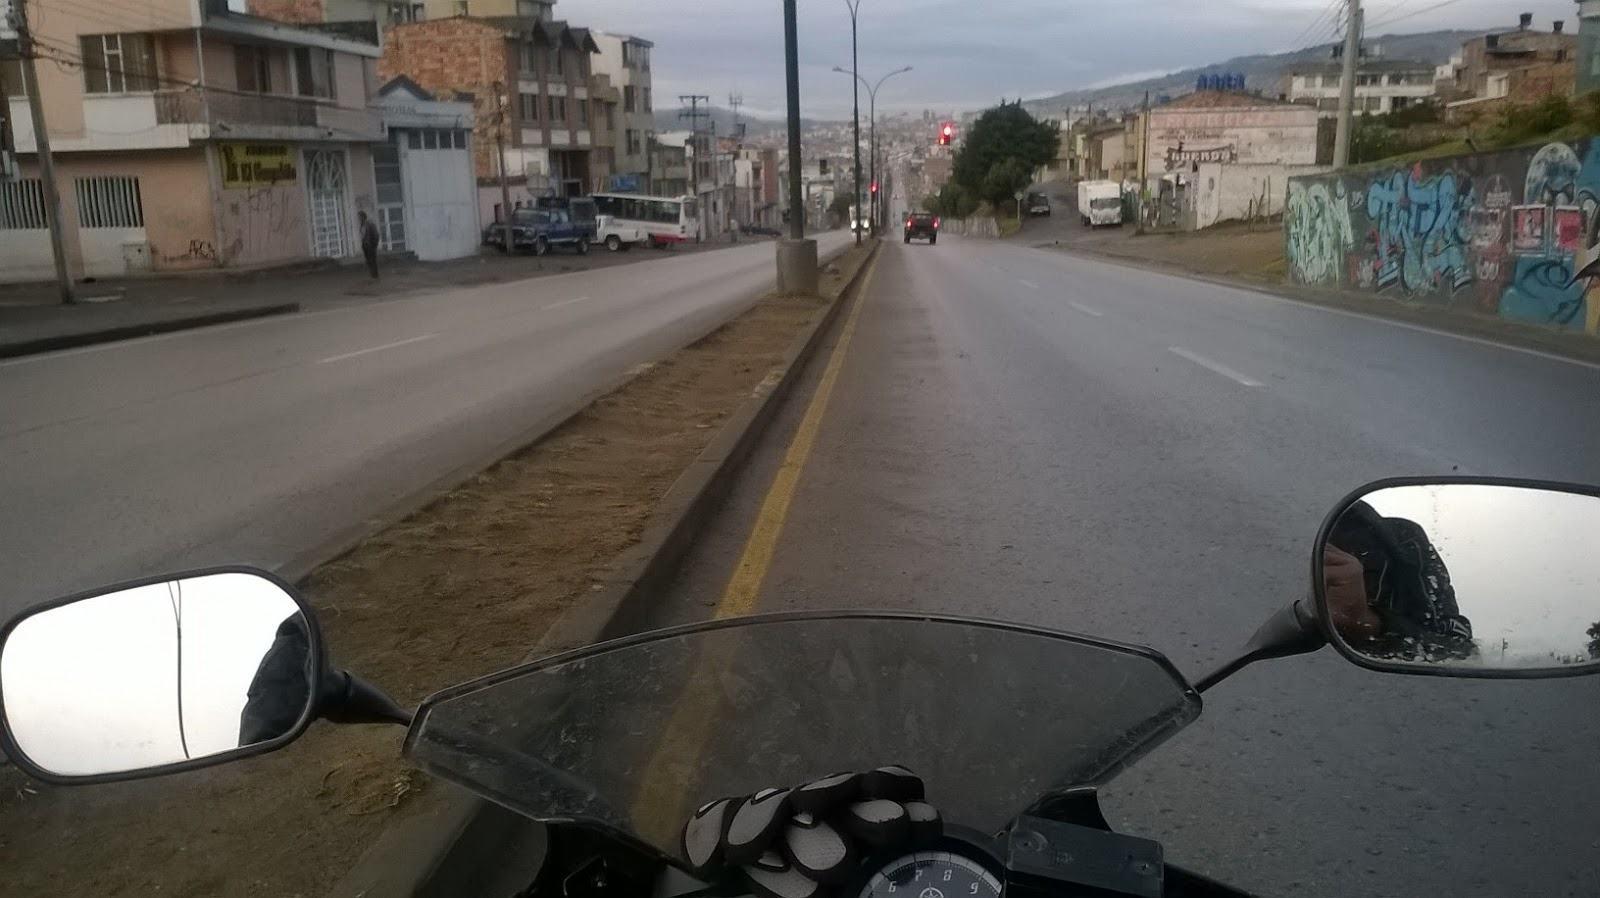 Relato de la moto Premiado por RNE en moto nublado